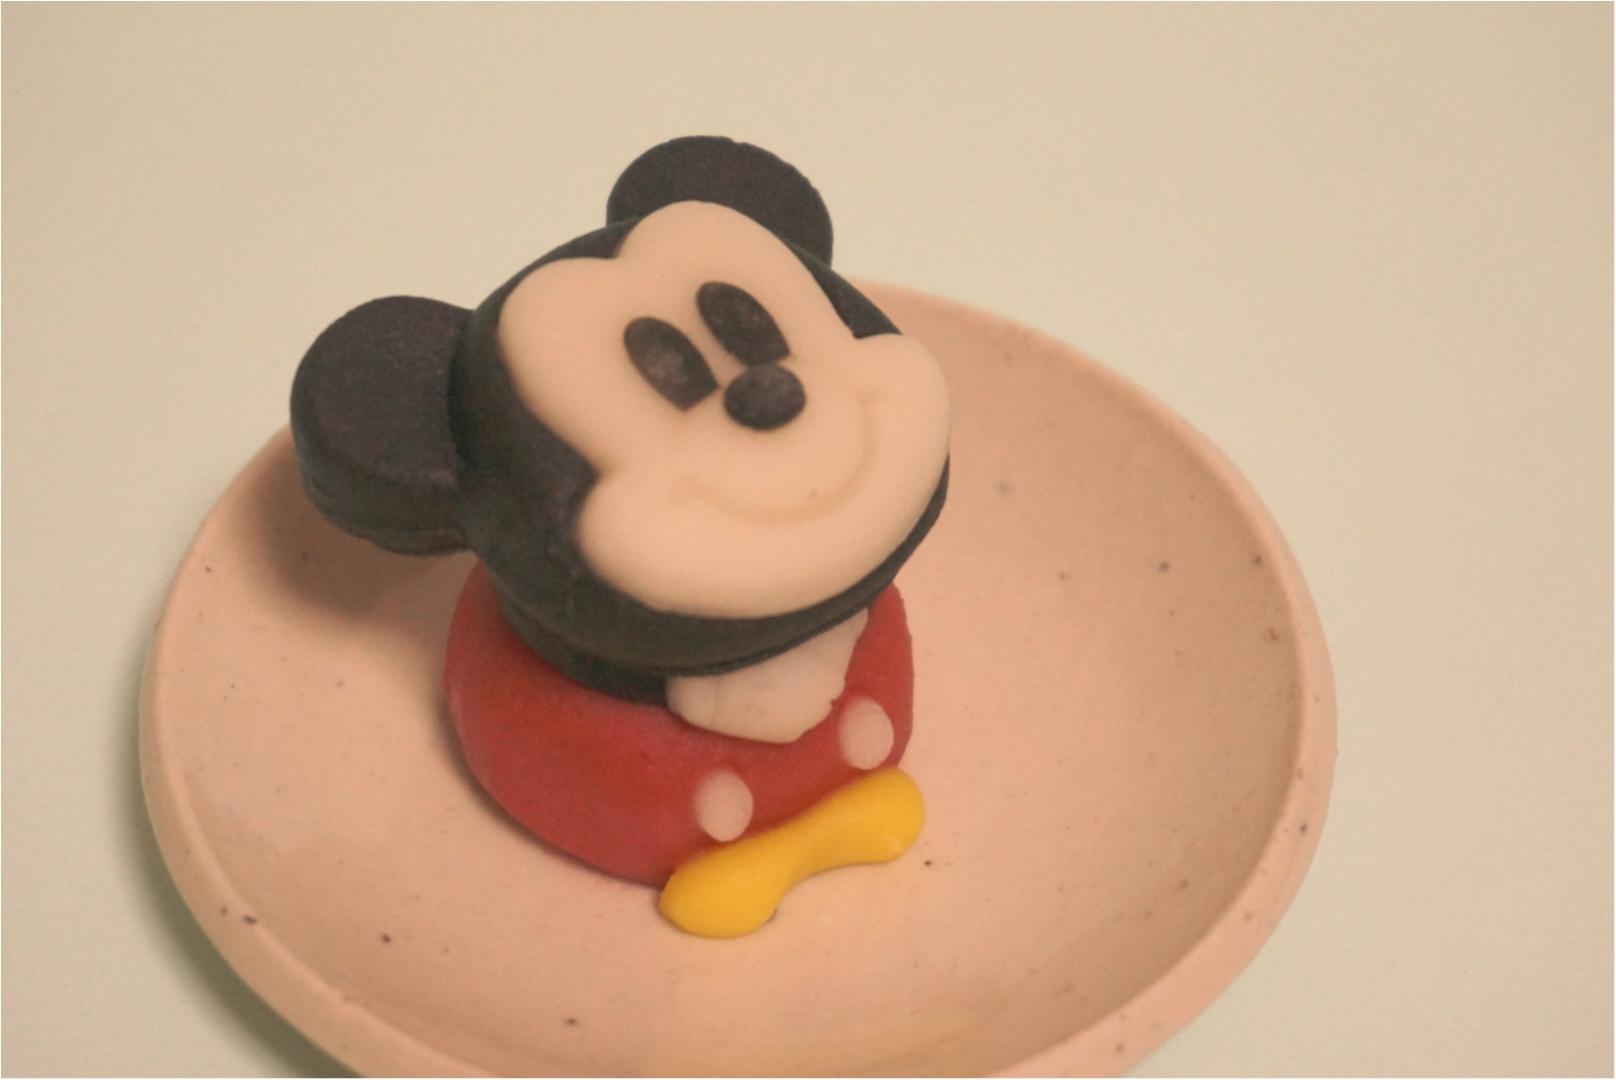 【3日間限定‼︎】ミッキーとミニーが可愛い和菓子に大変身( ´艸`)♡セブンで3日間だけ限定発売✨_2